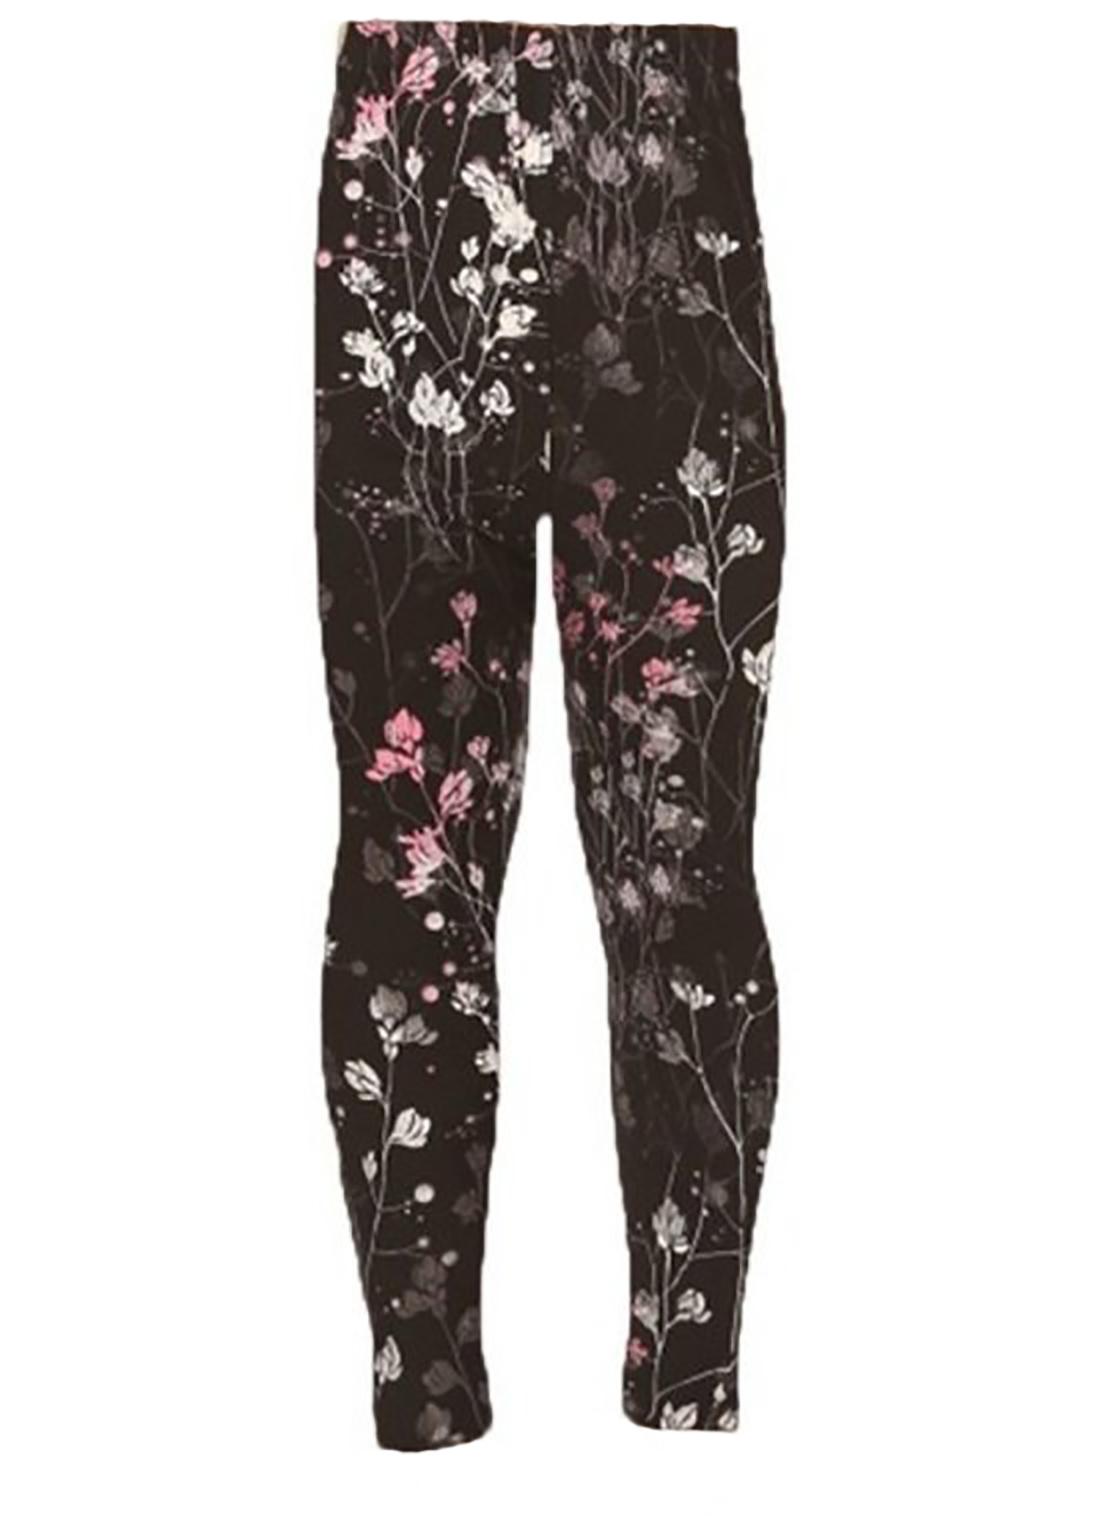 Lana mini  floral leggings